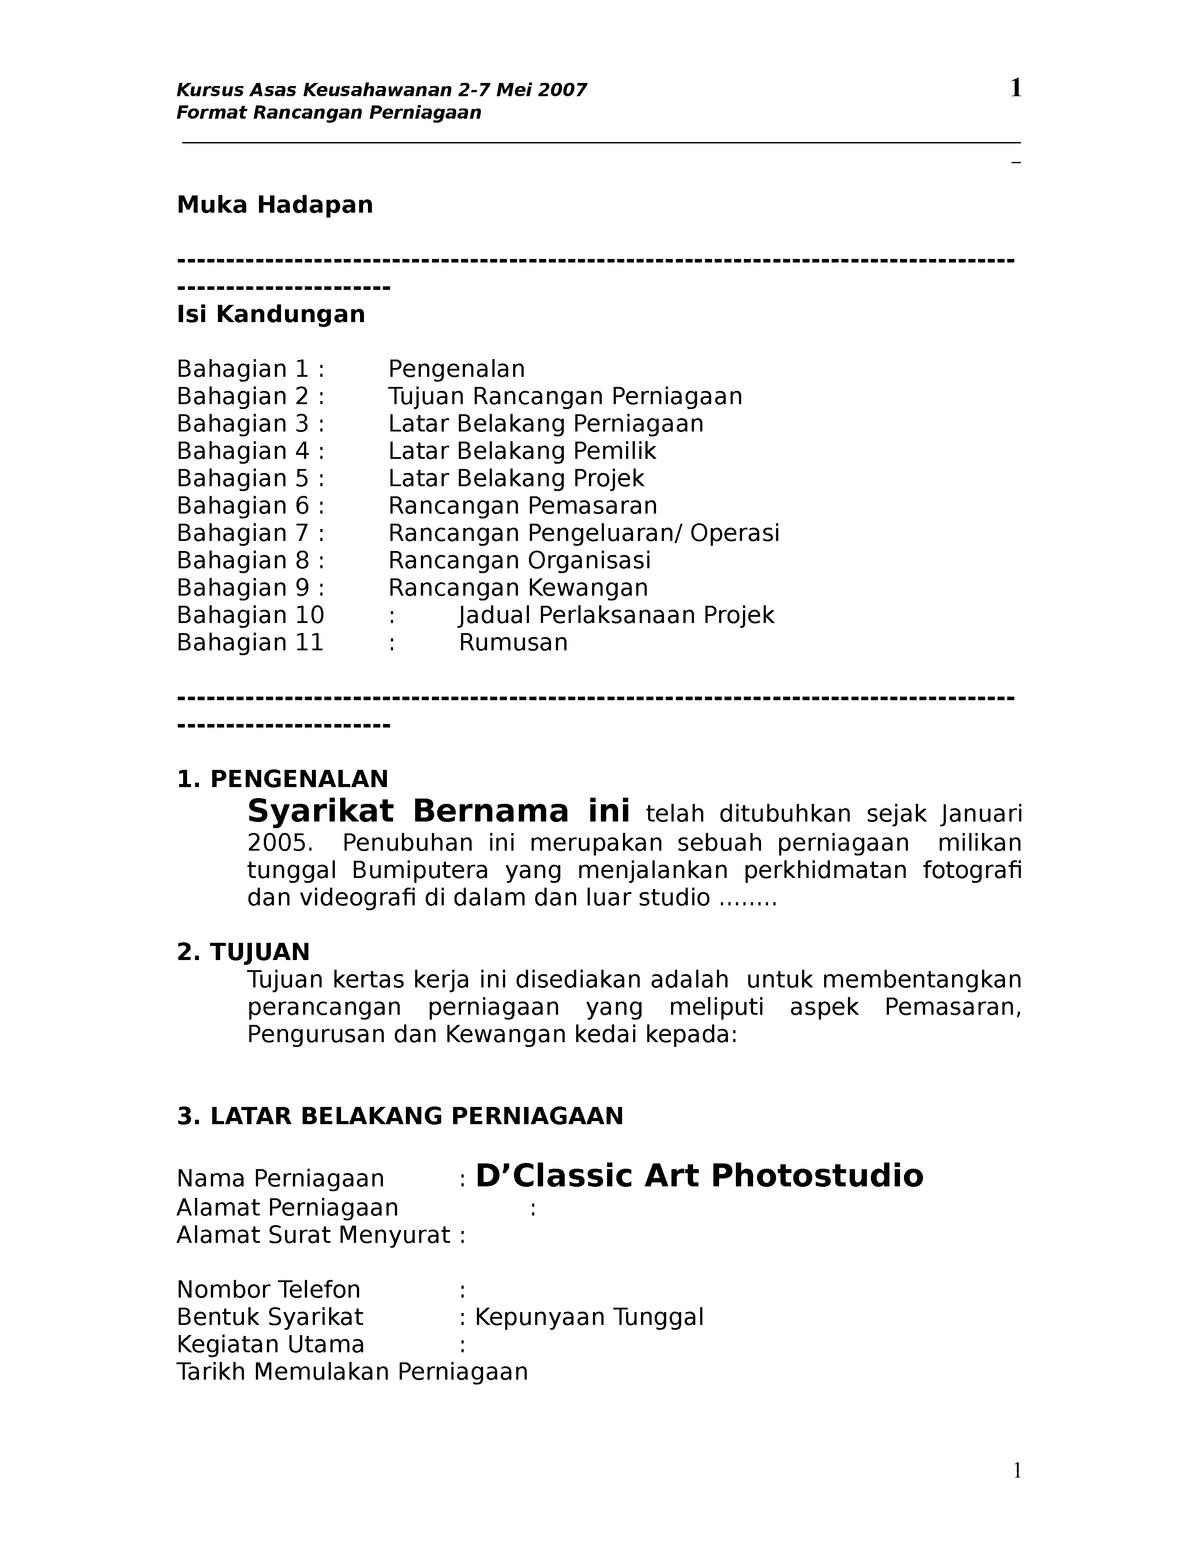 36401785 Rancangan Perniagaan Accounting Act 4191 Upm Studocu